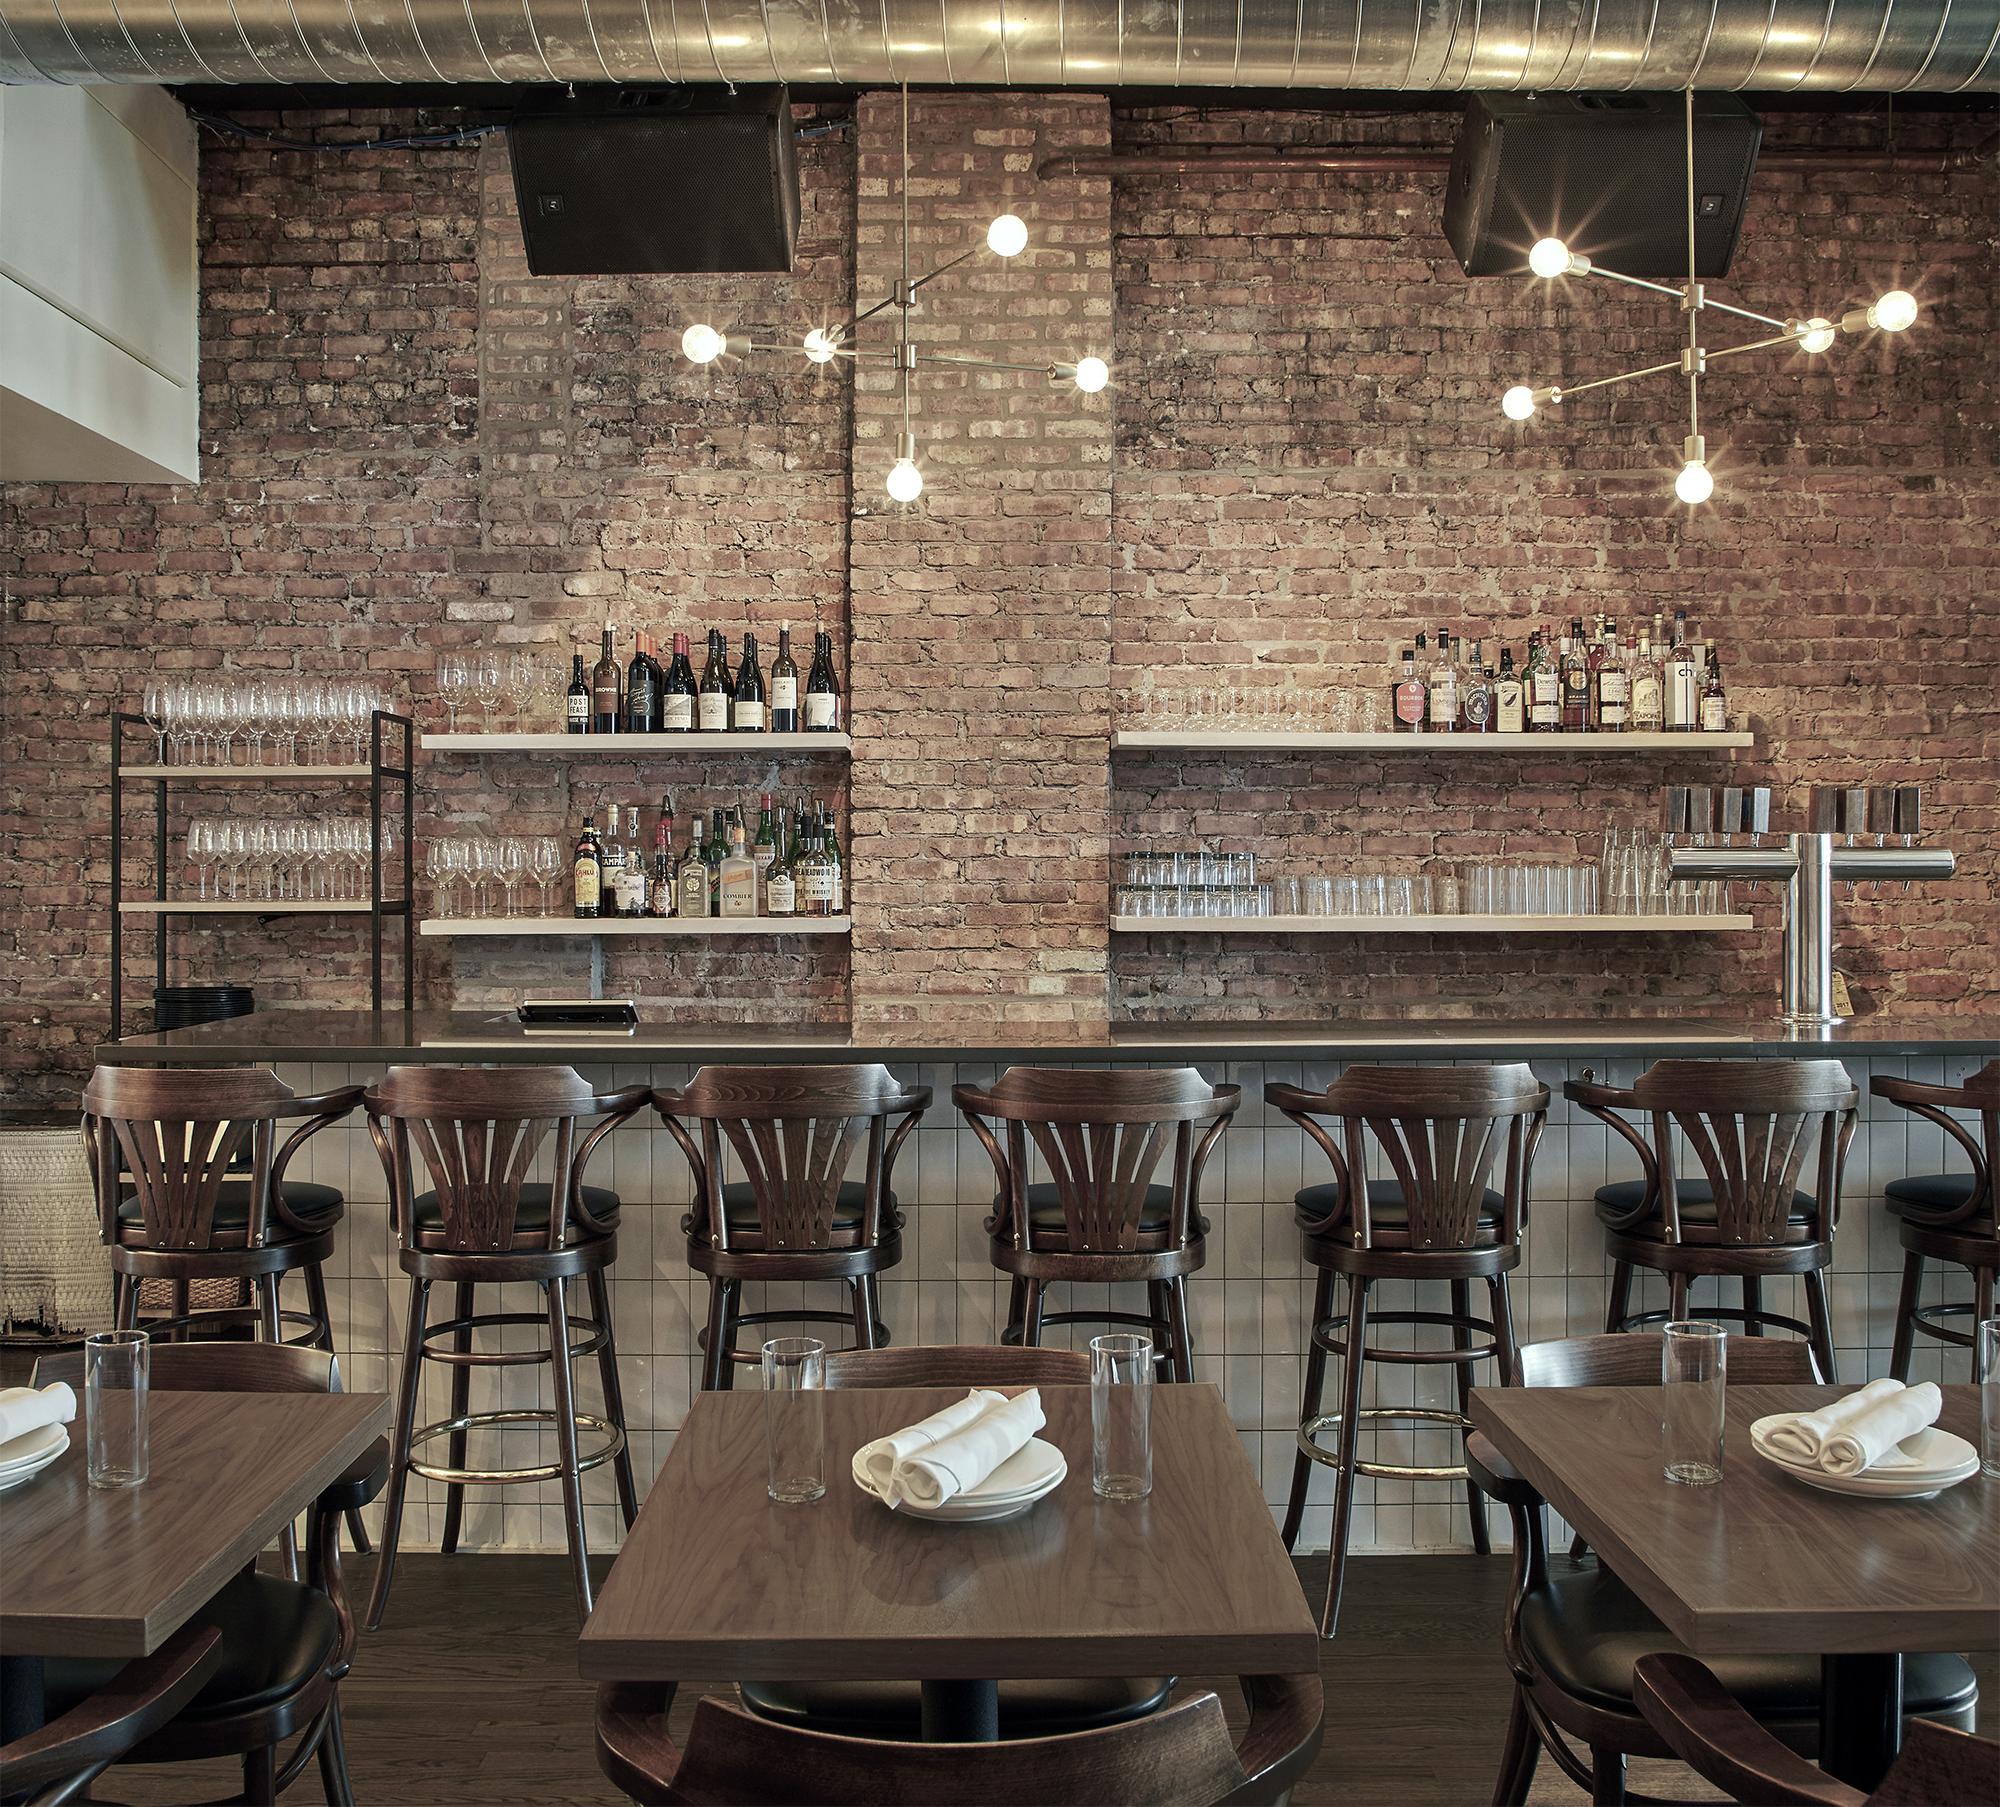 debaun studio_Daisies Restaurant_Bar.jpg